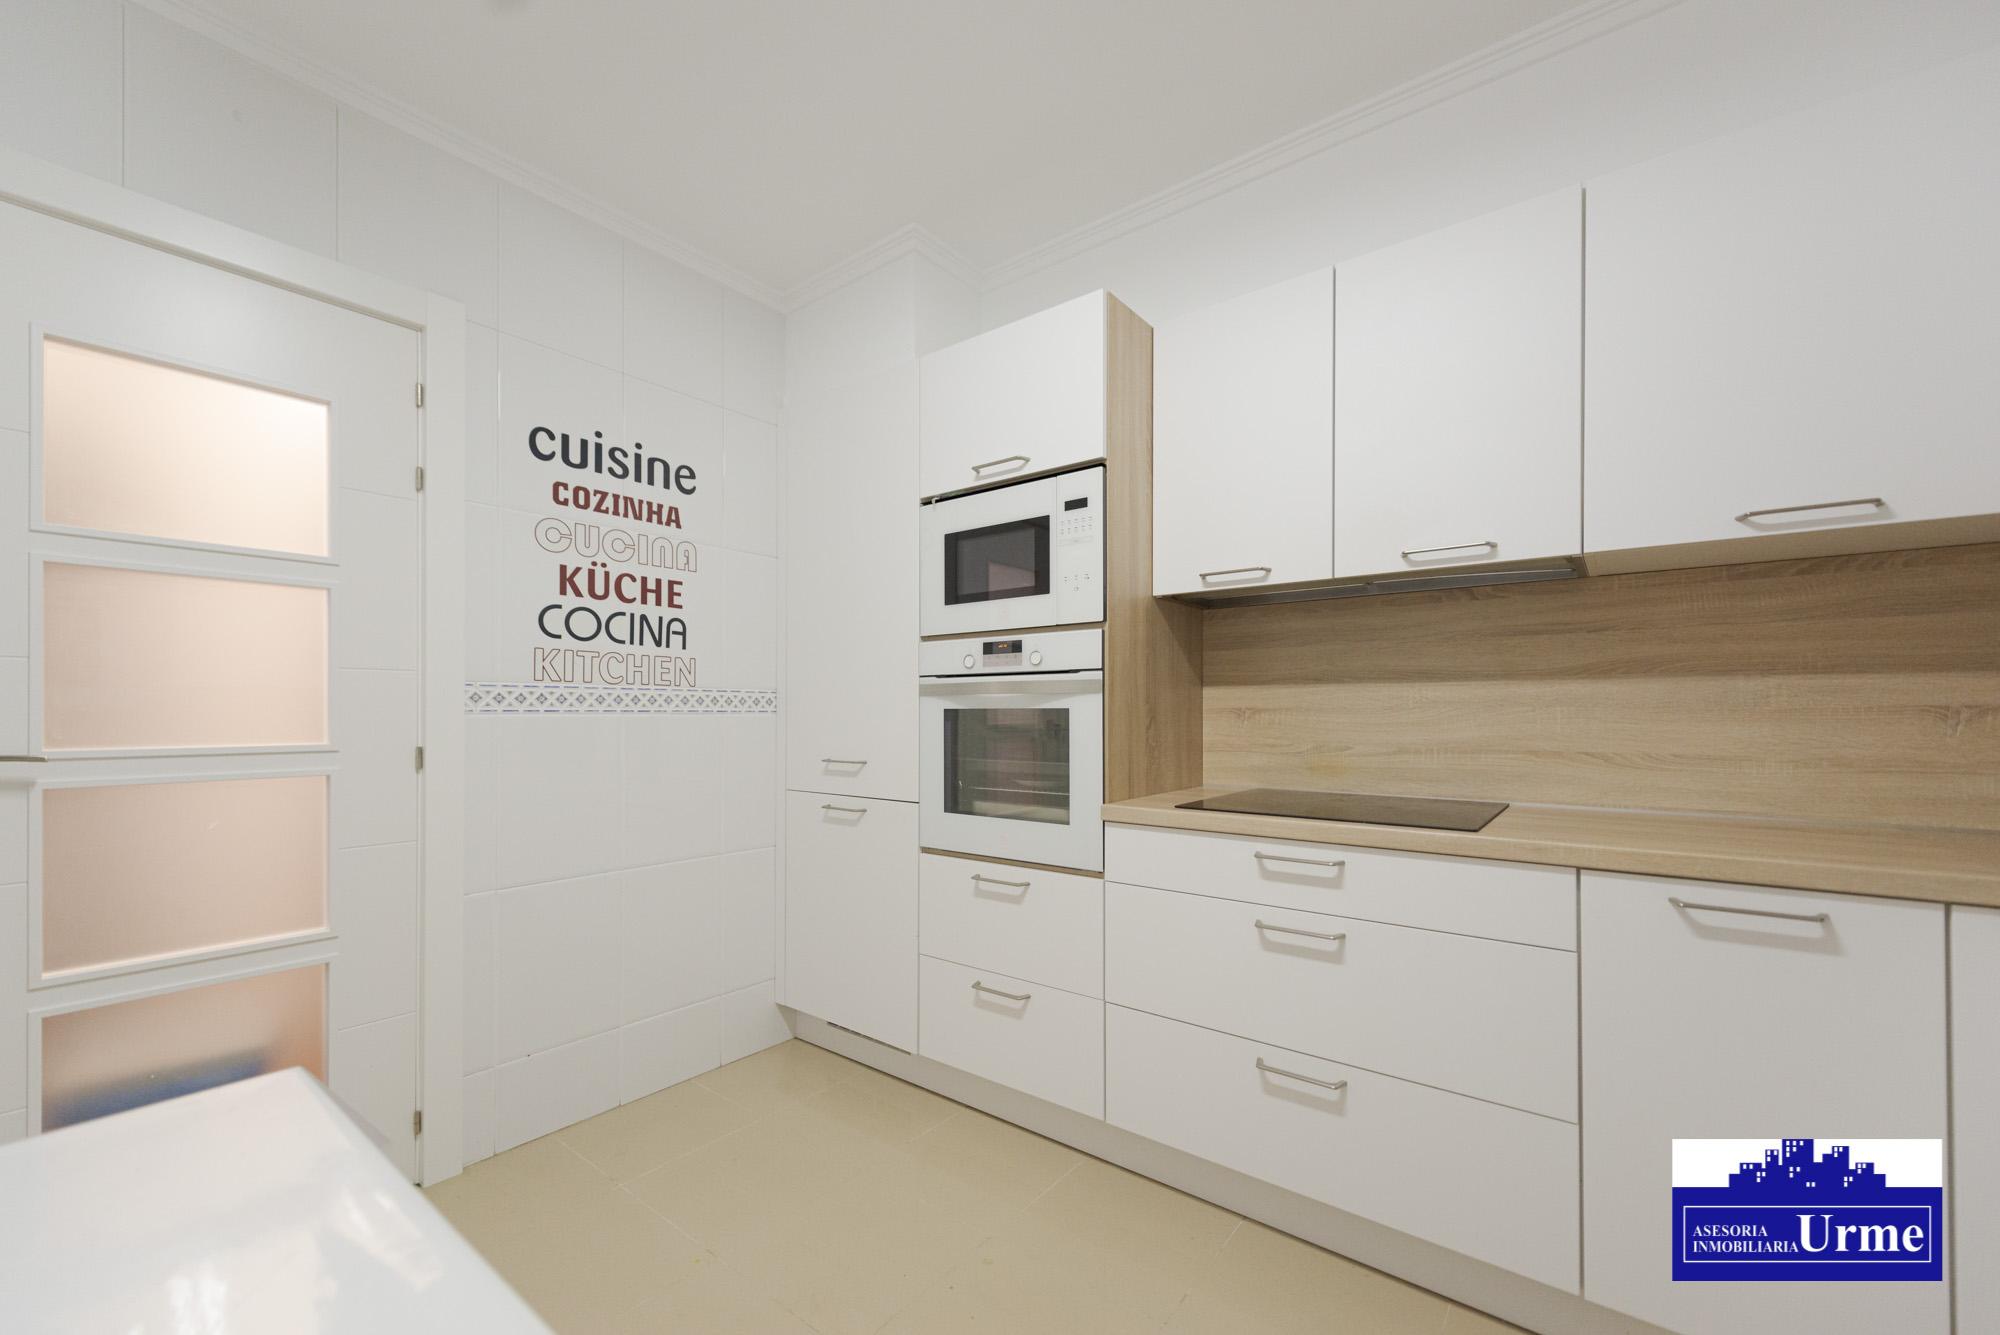 Zona Puiana,duplex con terraza de 35m2,en perfecto estado.3 habitaciones,salon,cocina equipada 2 baños. Informate!!!